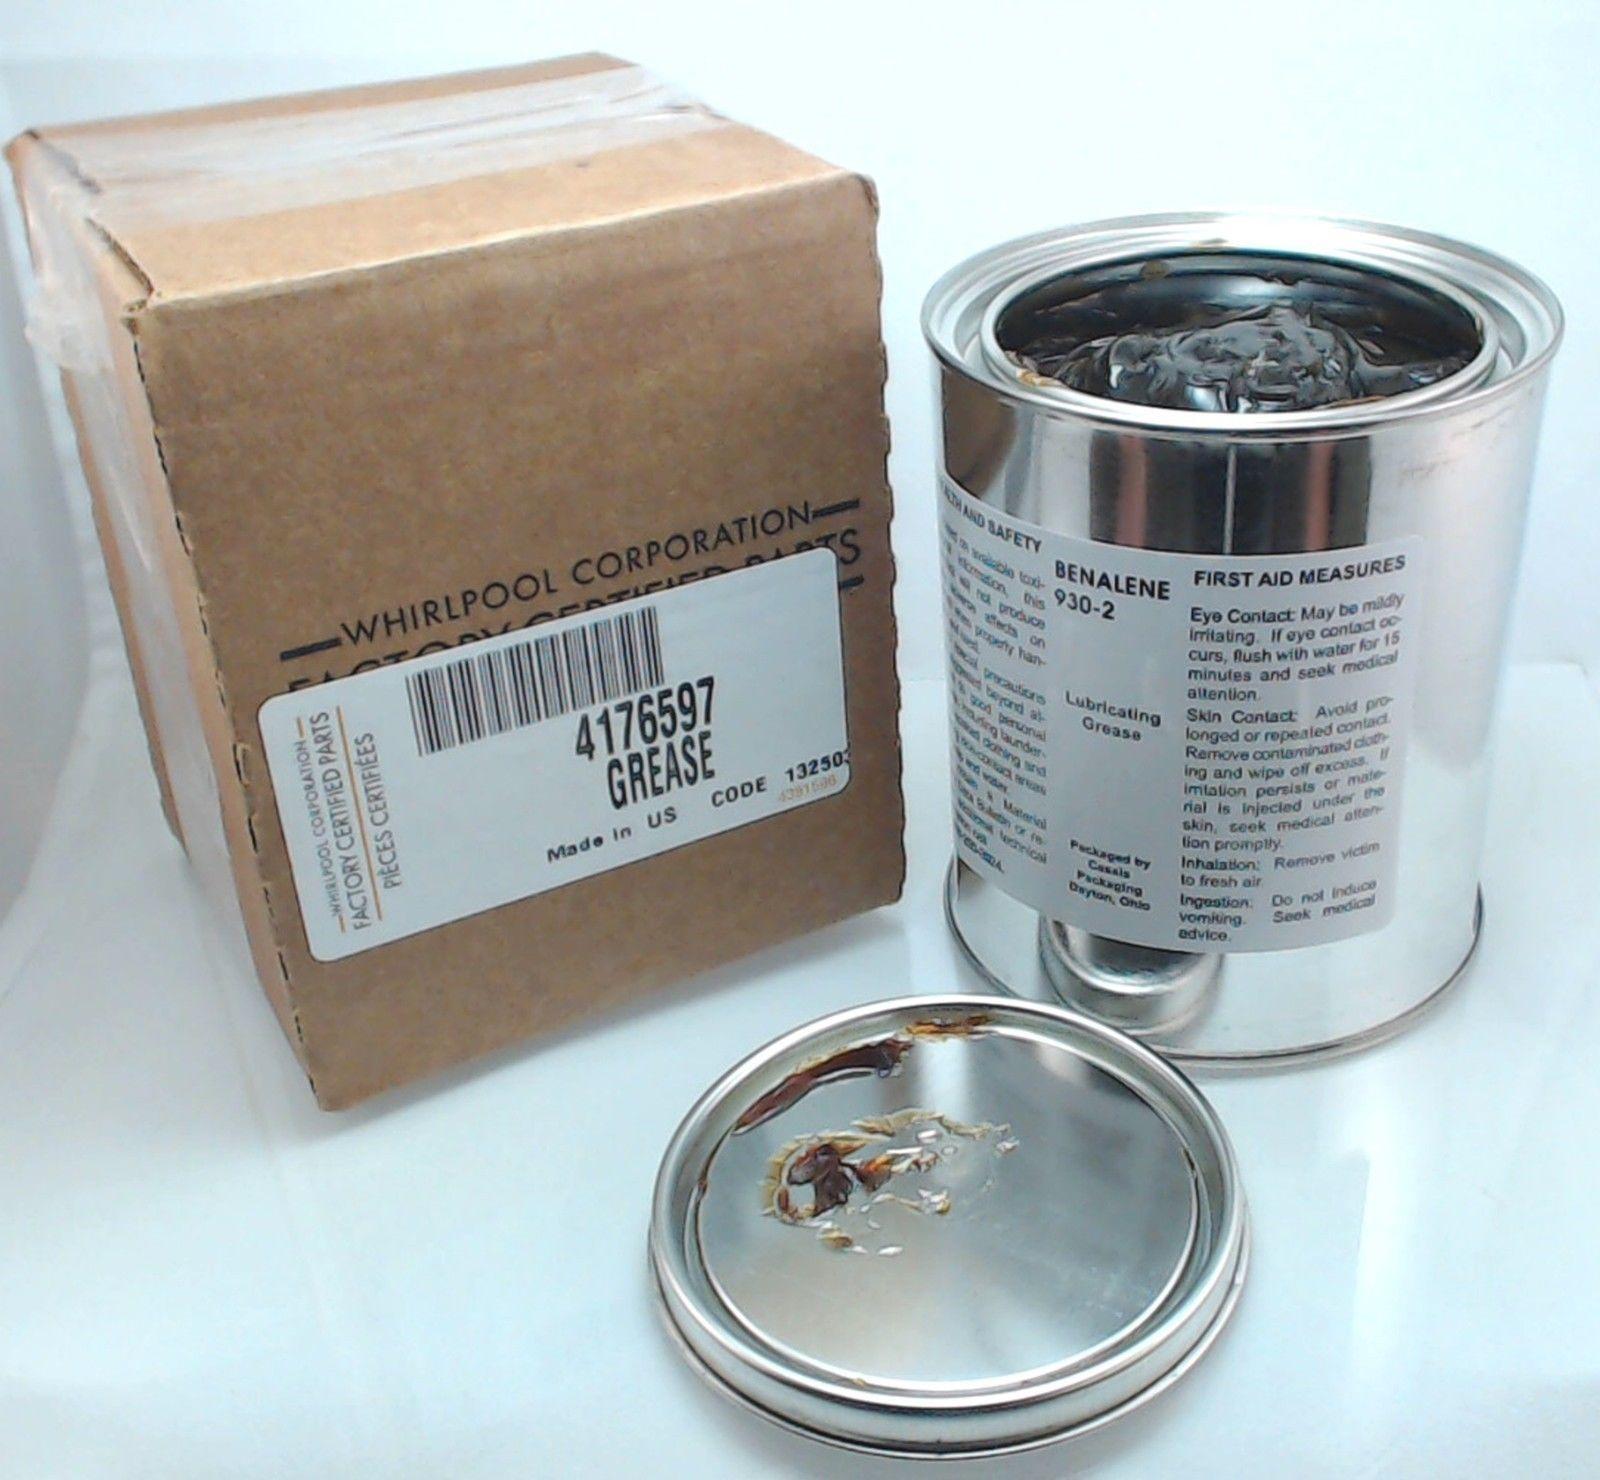 Kitchenaid stand mixer food grade gear grease ap3103180 ps357146 4176597 ebay - Food grade grease kitchenaid ...